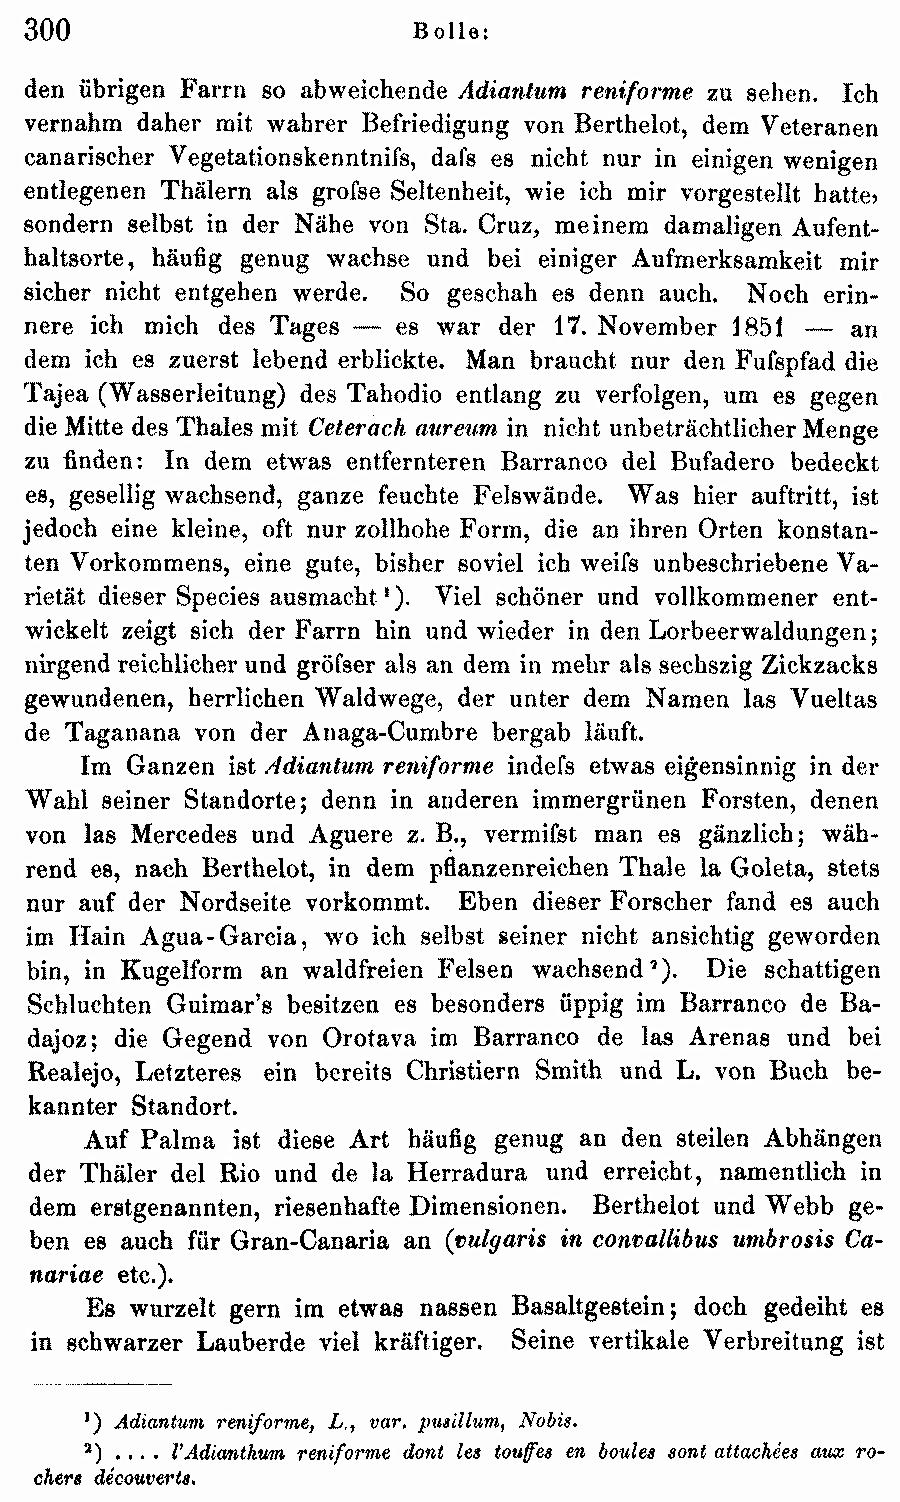 https://forum.plantarium.ru/misc.php?action=pun_attachment&item=26244